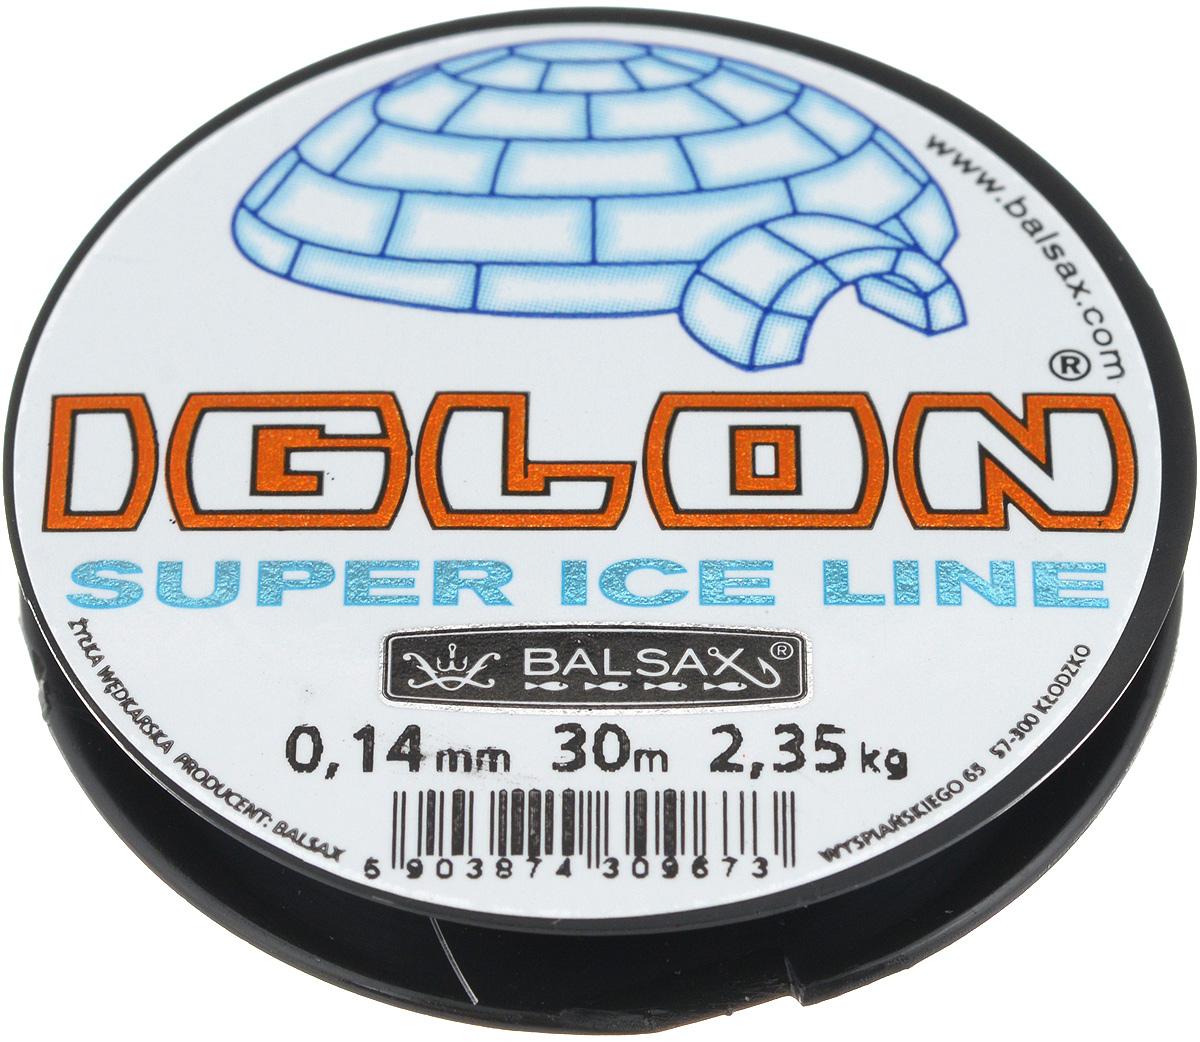 Леска зимняя Balsax Iglon, 30 м, 0,14 мм, 2,35 кг